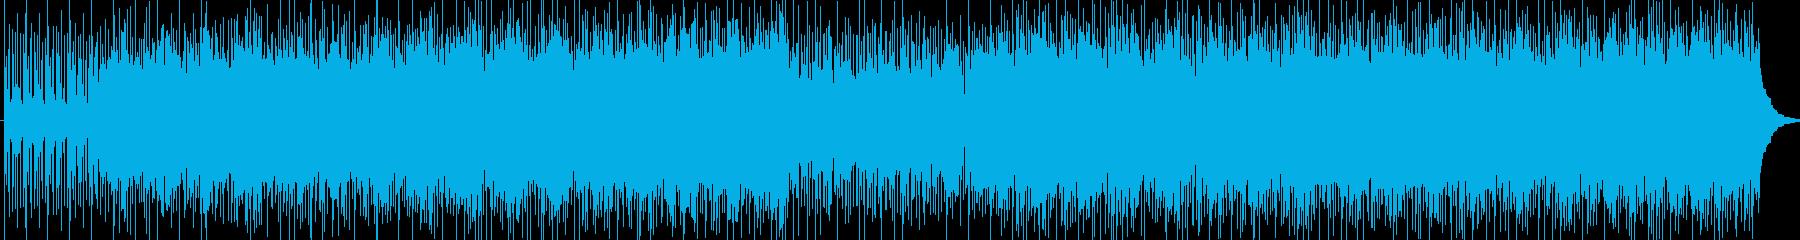 かっこいいリズムのメロディーの再生済みの波形